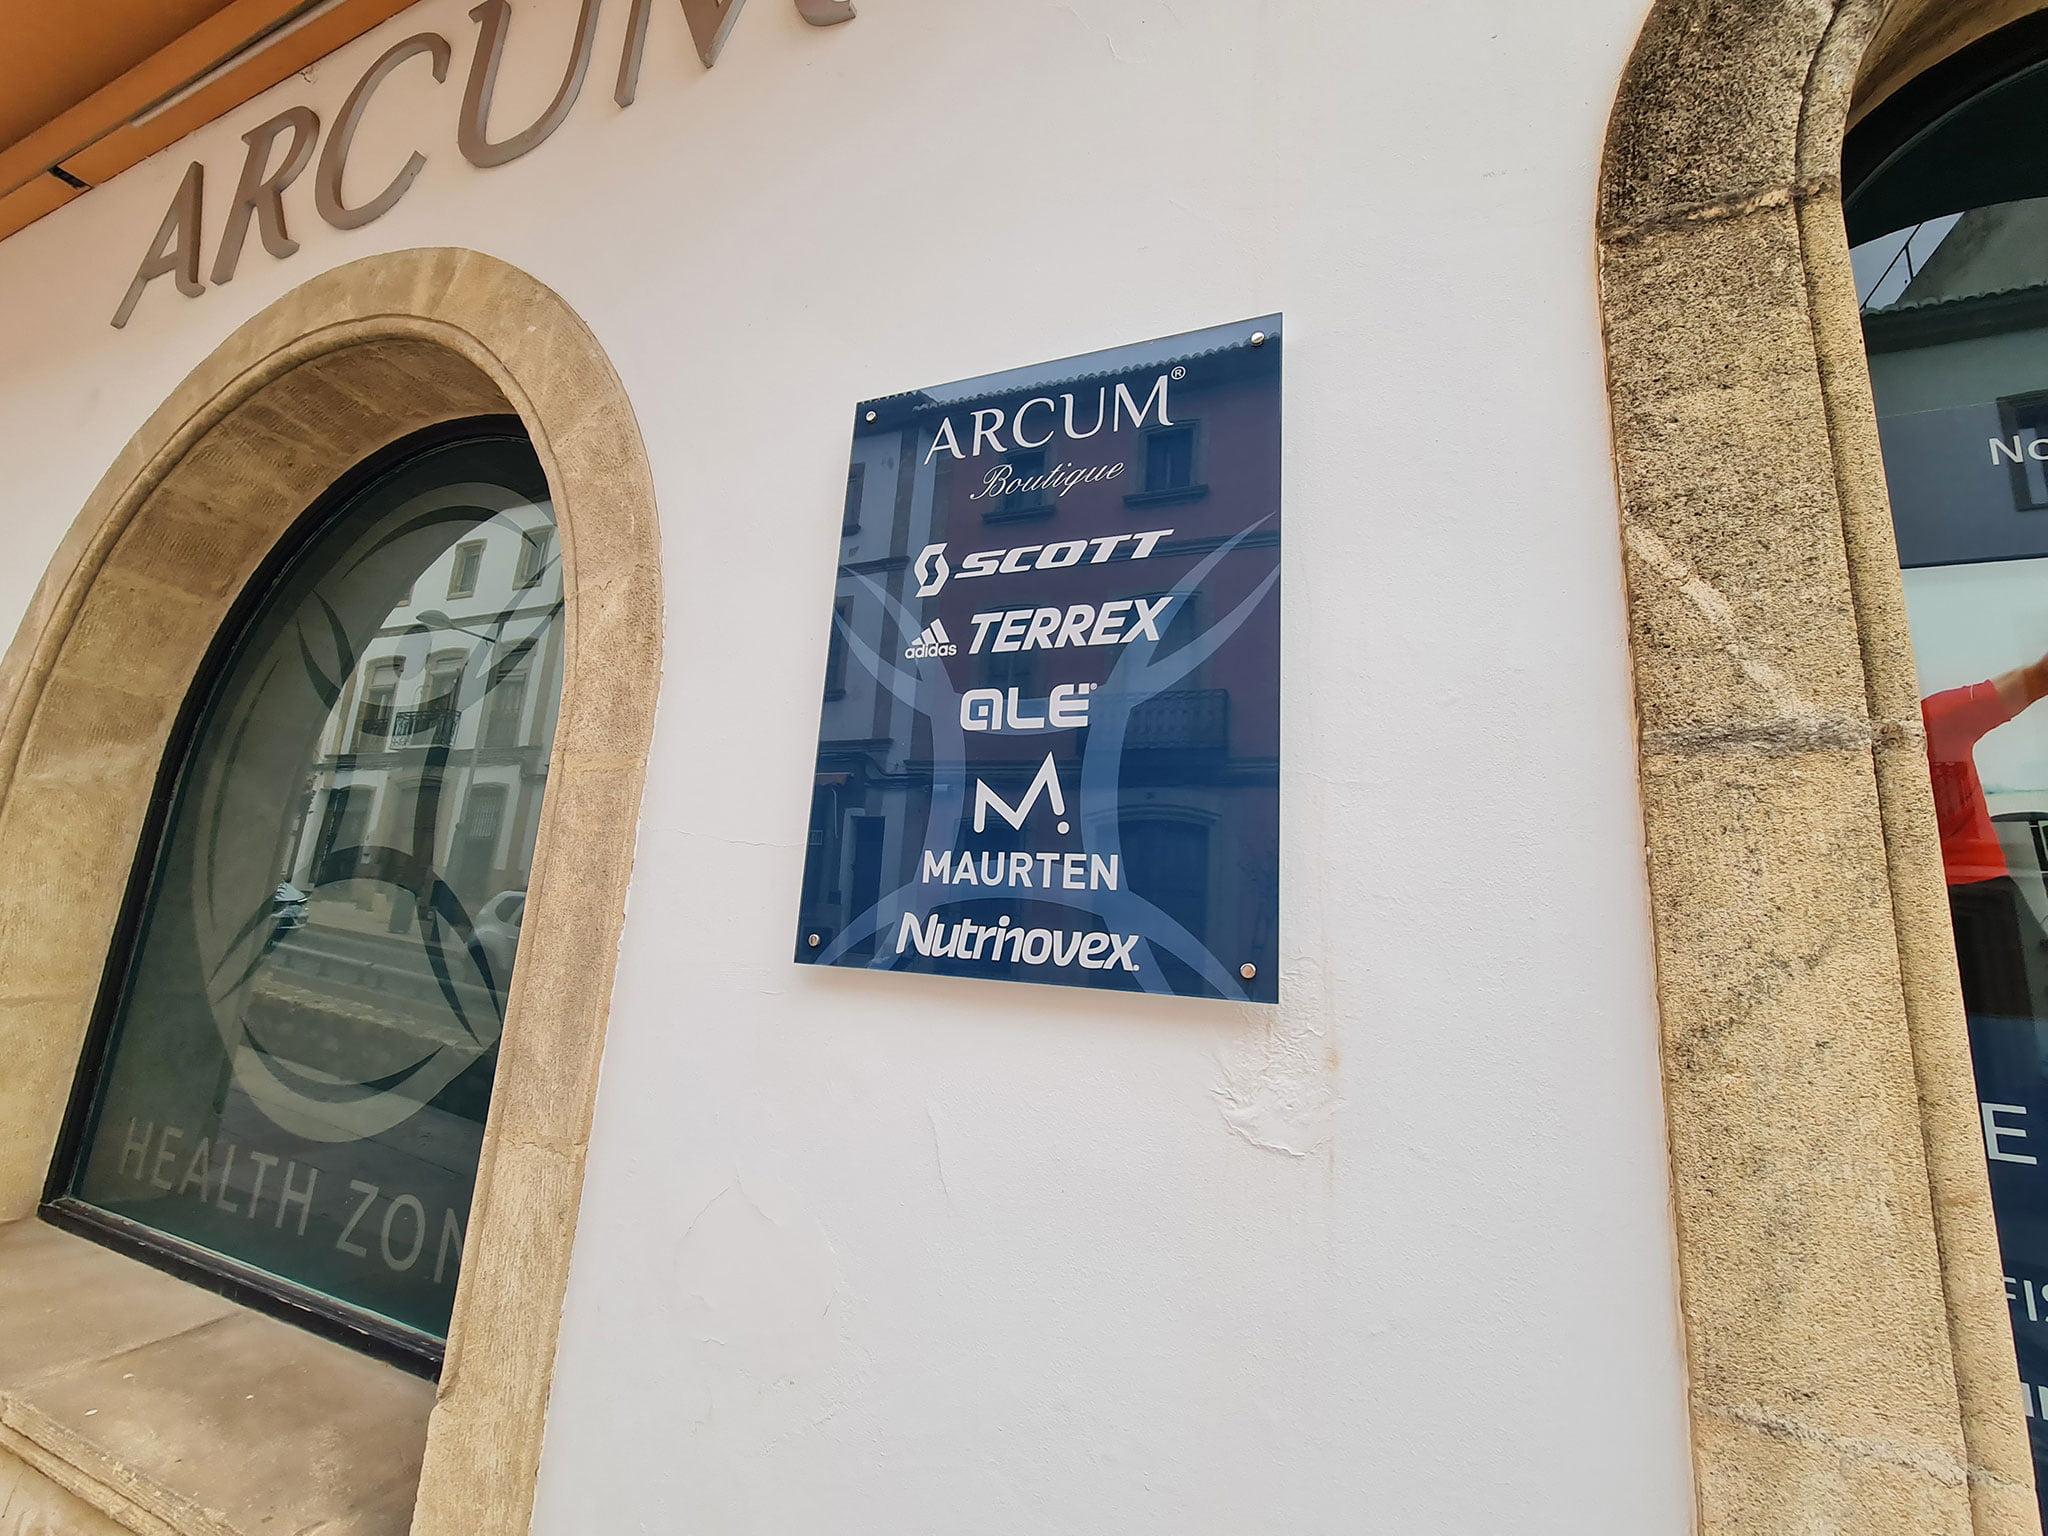 Placa con las marcas con las que trabaja Arcum Health Zone